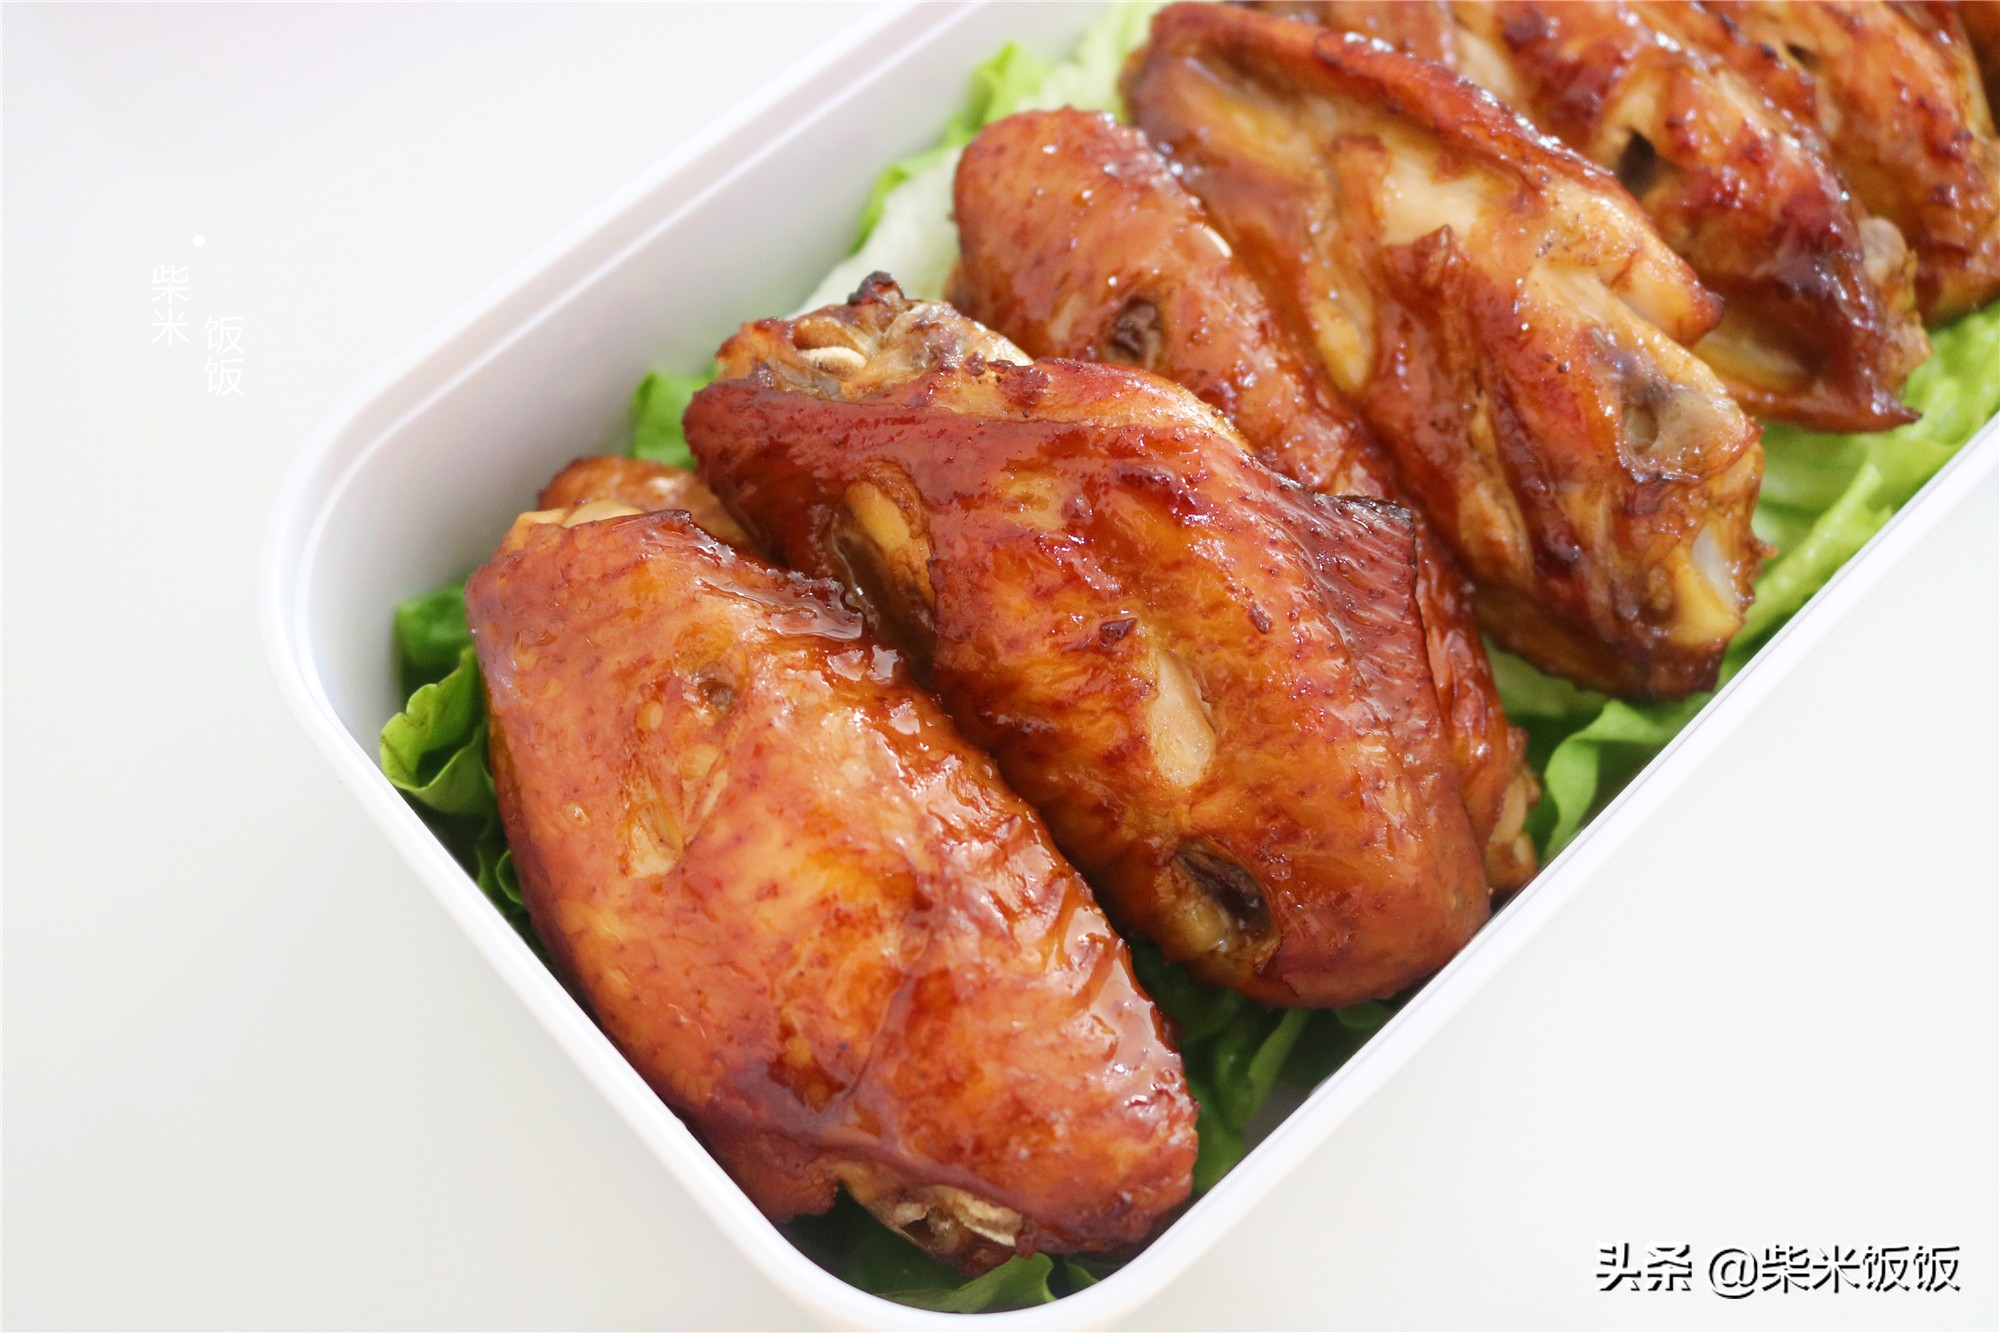 在家烤雞翅,別再買醃料了,這些家常調味料就足夠,簡單好吃